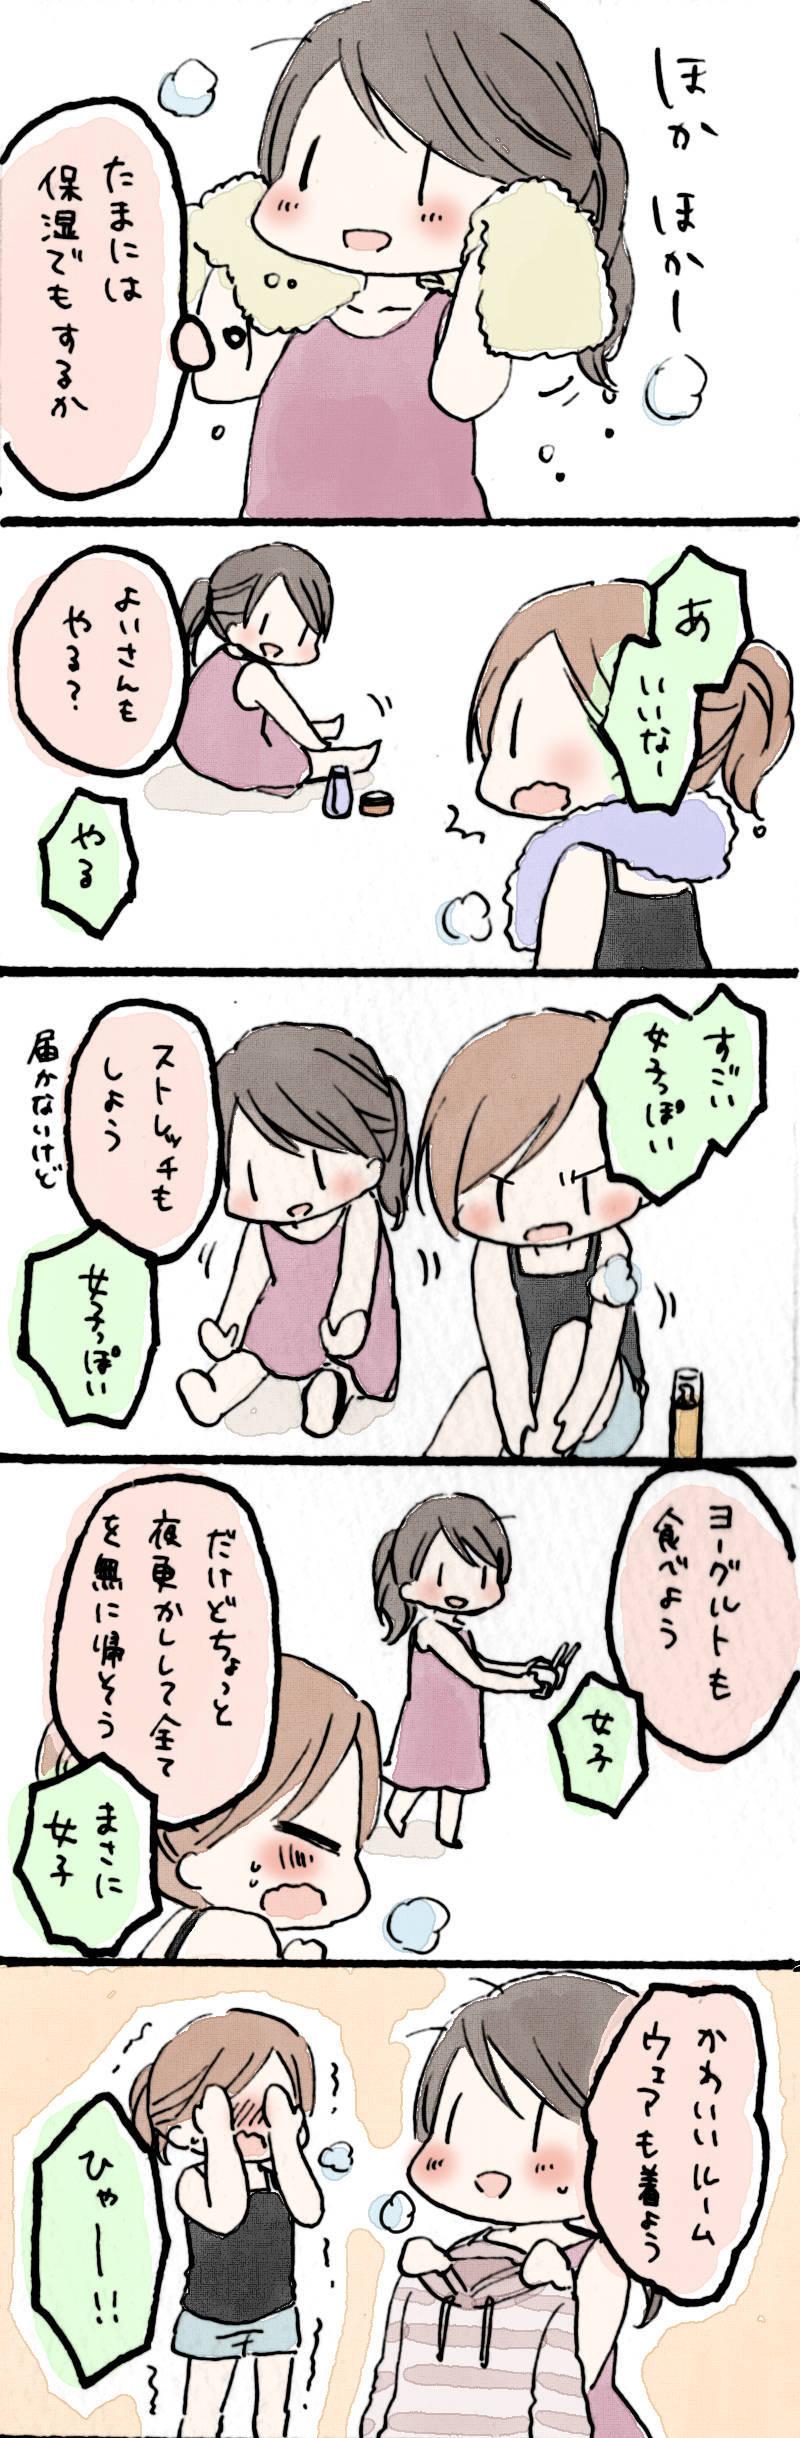 それ、女子っぽい_e0346424_10011142.jpg